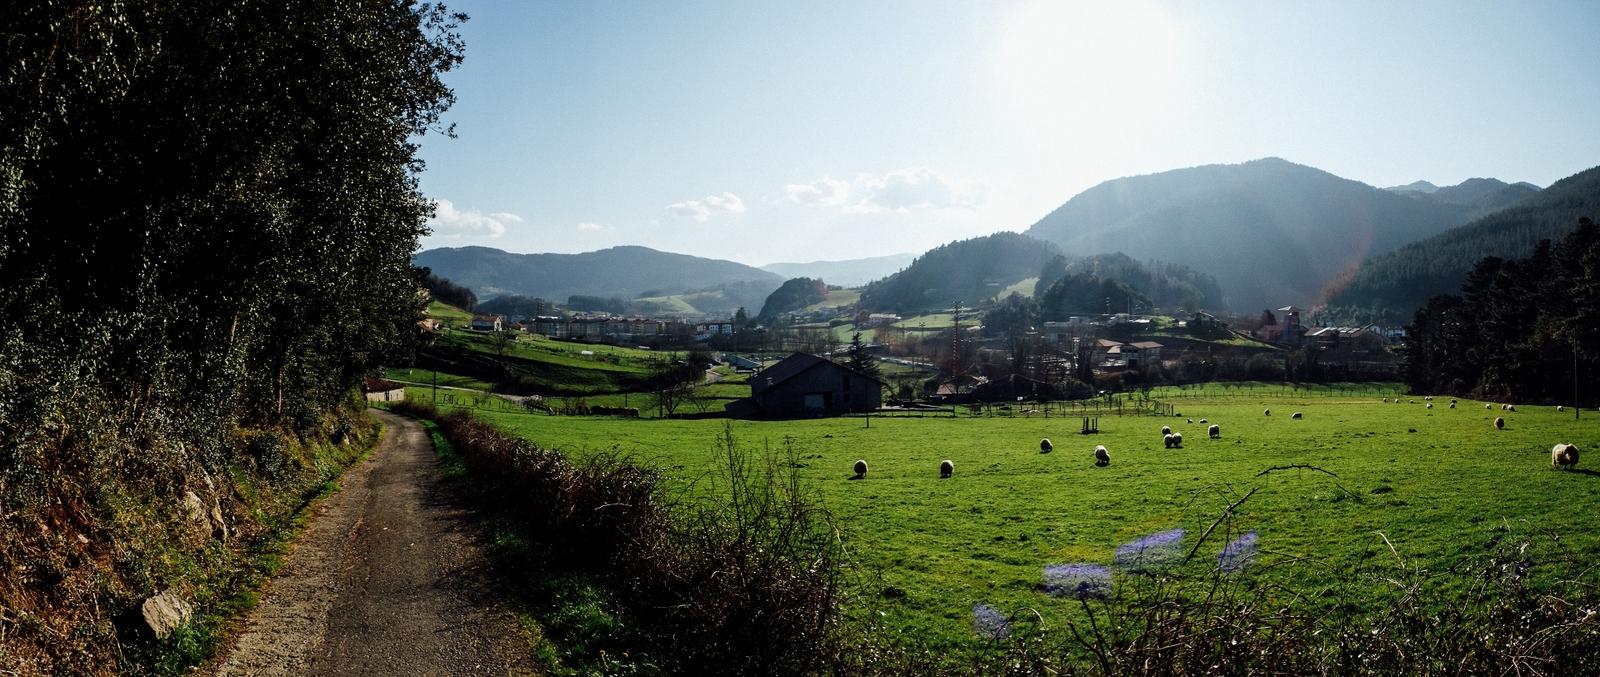 Jakobsweg - Camino del Norte (99)